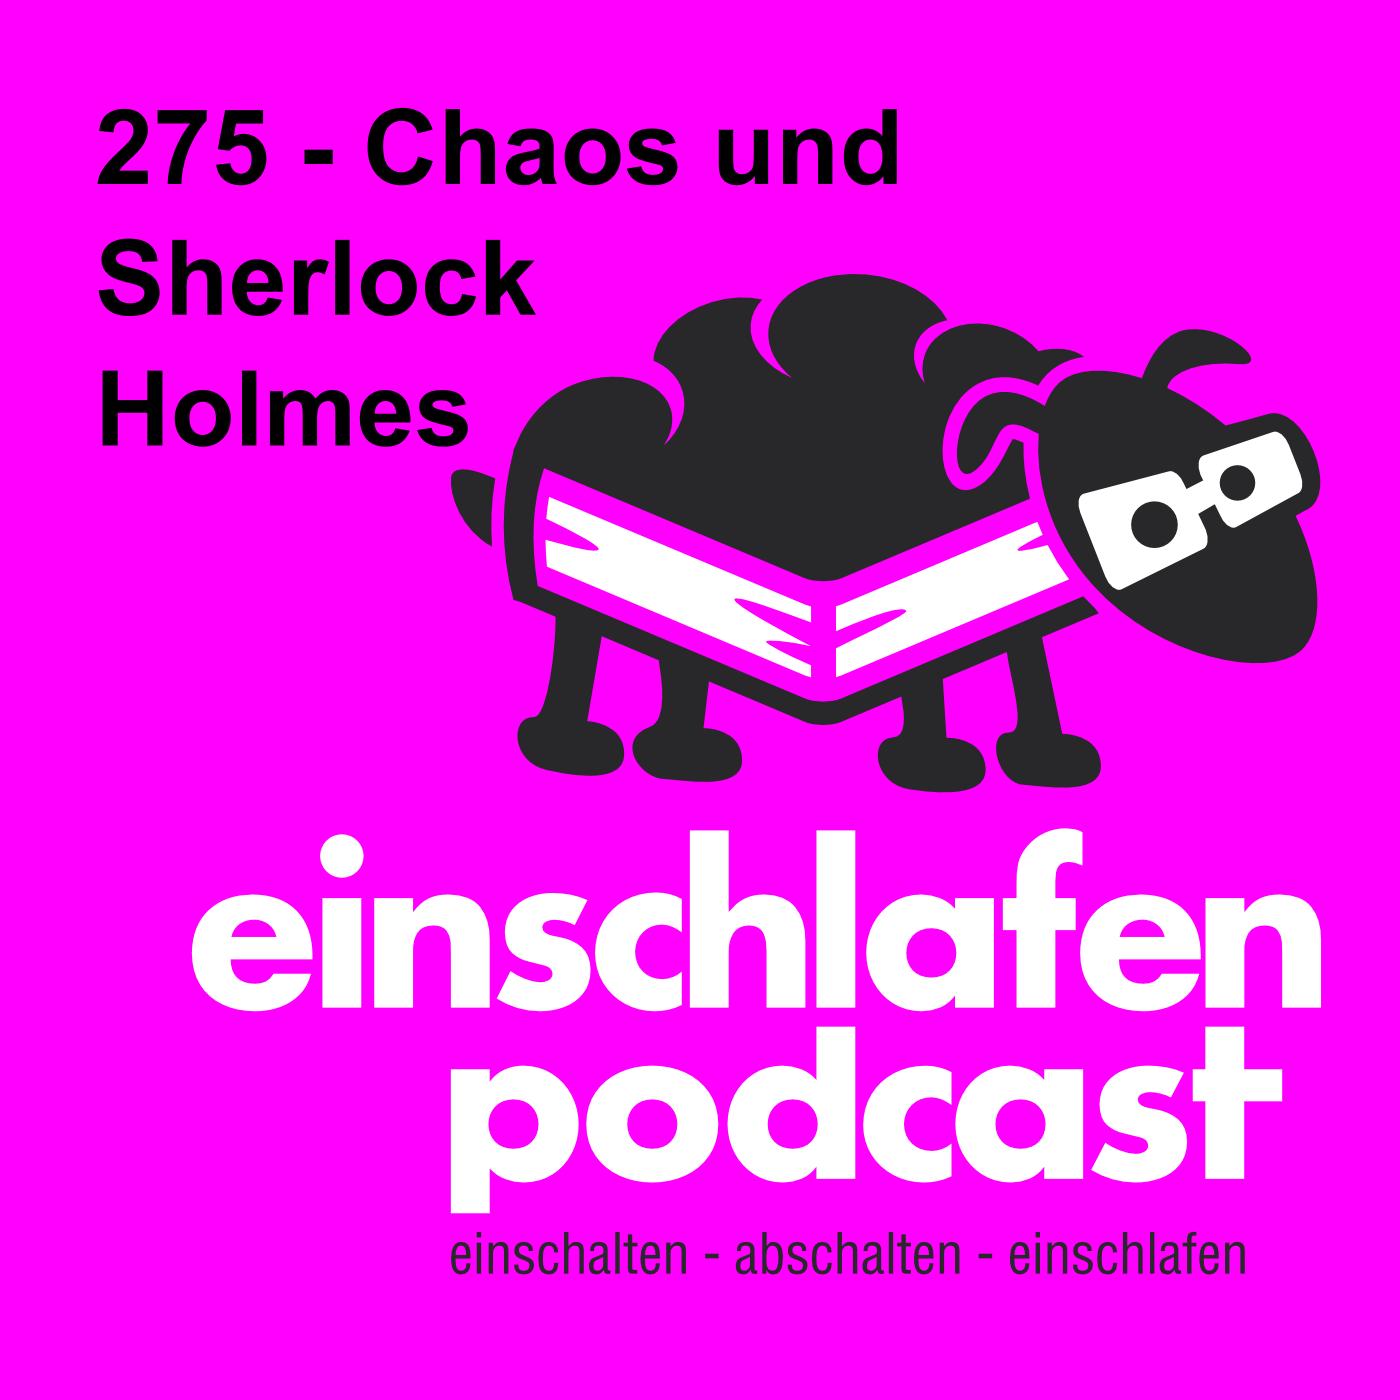 EP 275 - Chaos und Sherlock Holmes - Episodenbild